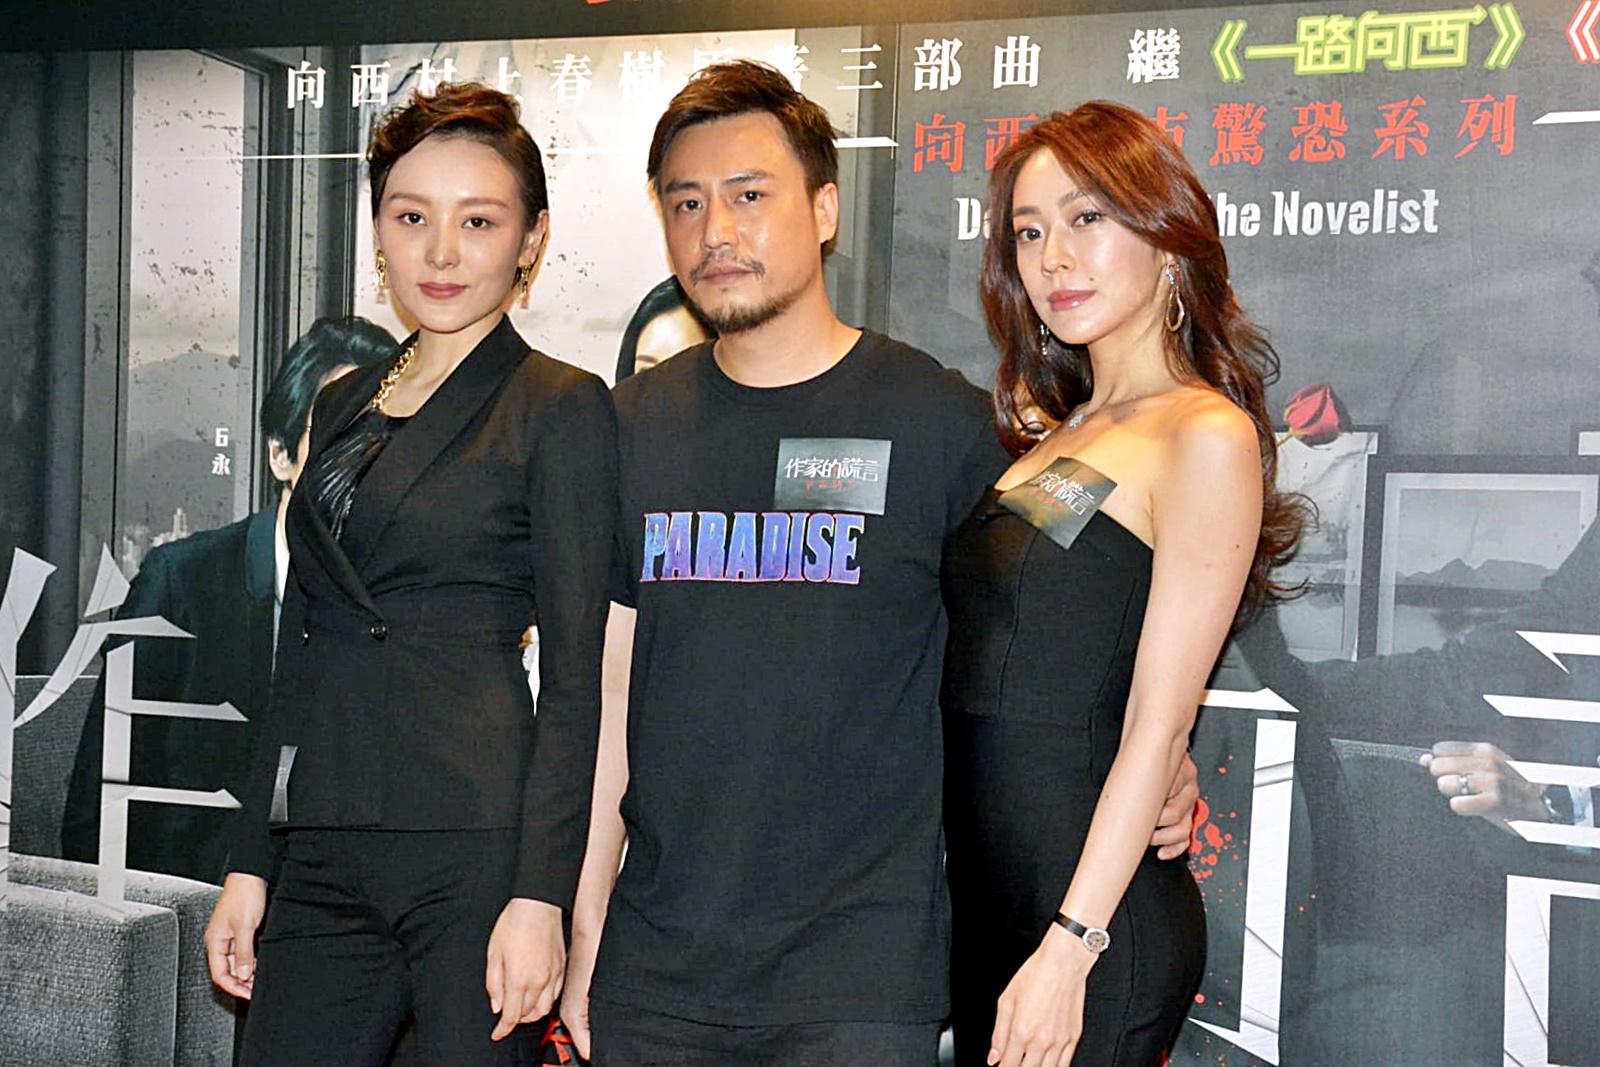 張建聲監製兼主演電影 舉行首映禮,何佩瑜(左)及松崗李那都有出席。